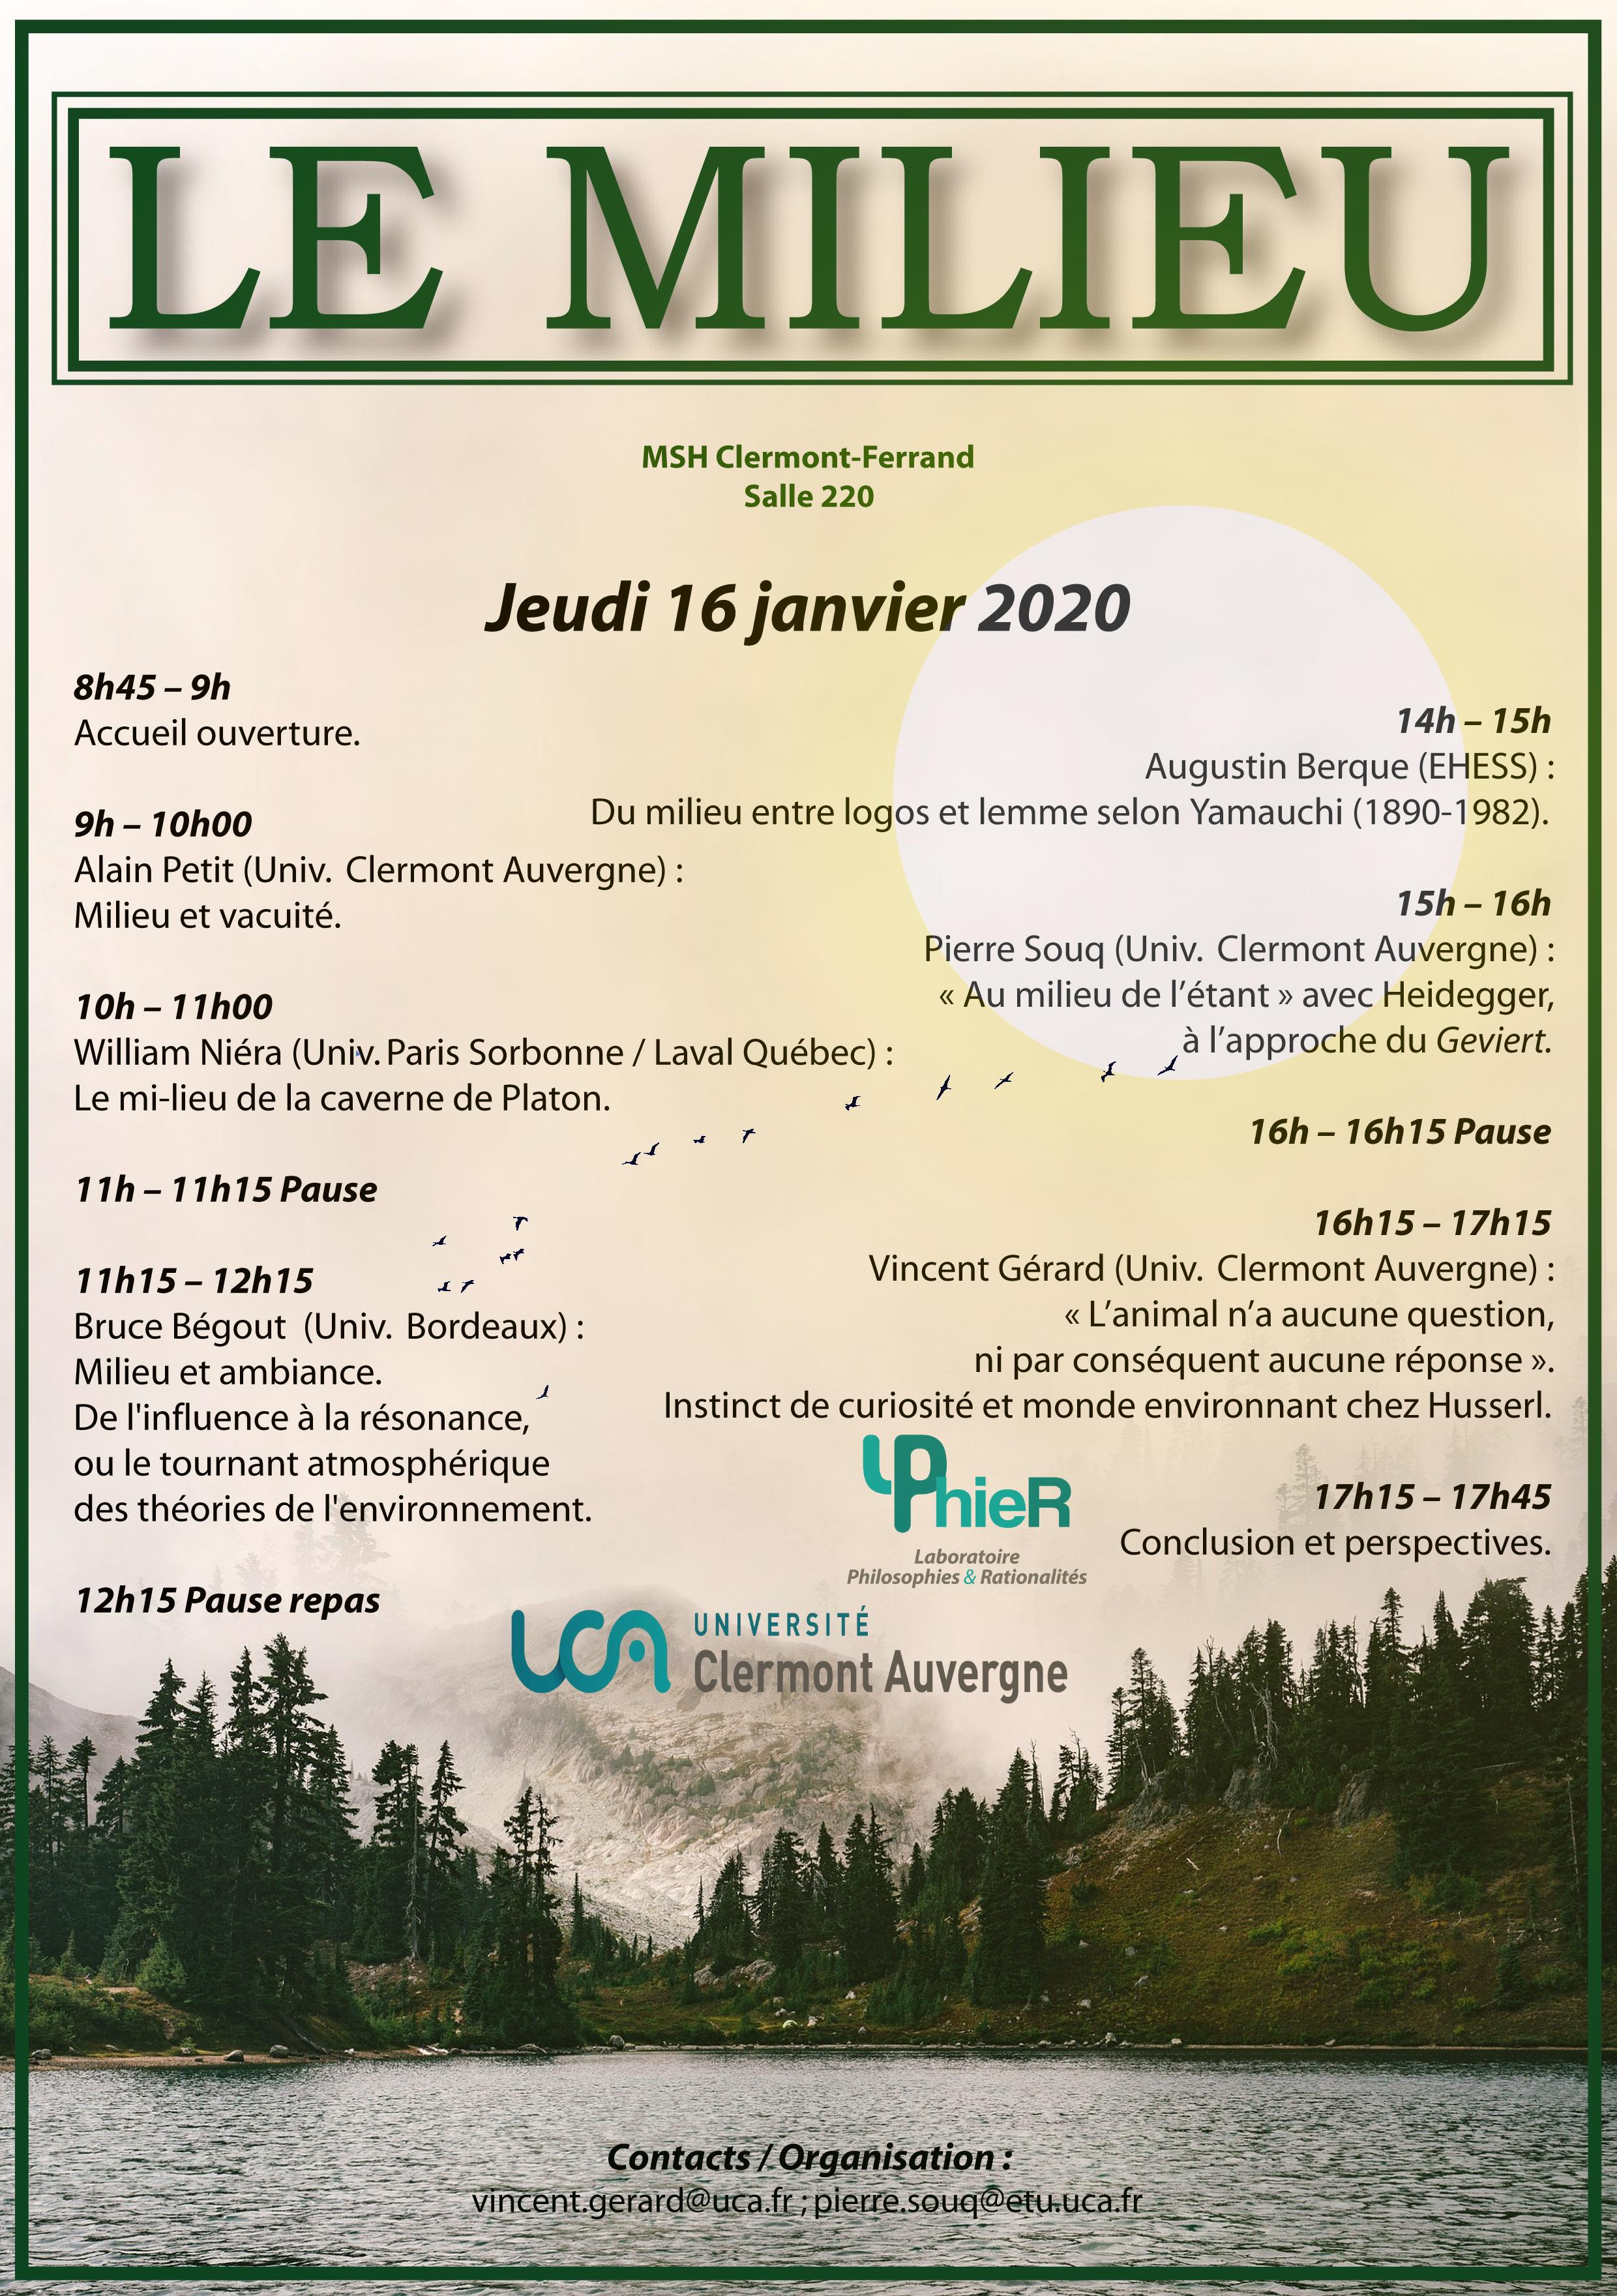 Le milieu (MSH Clermont-Ferrand)